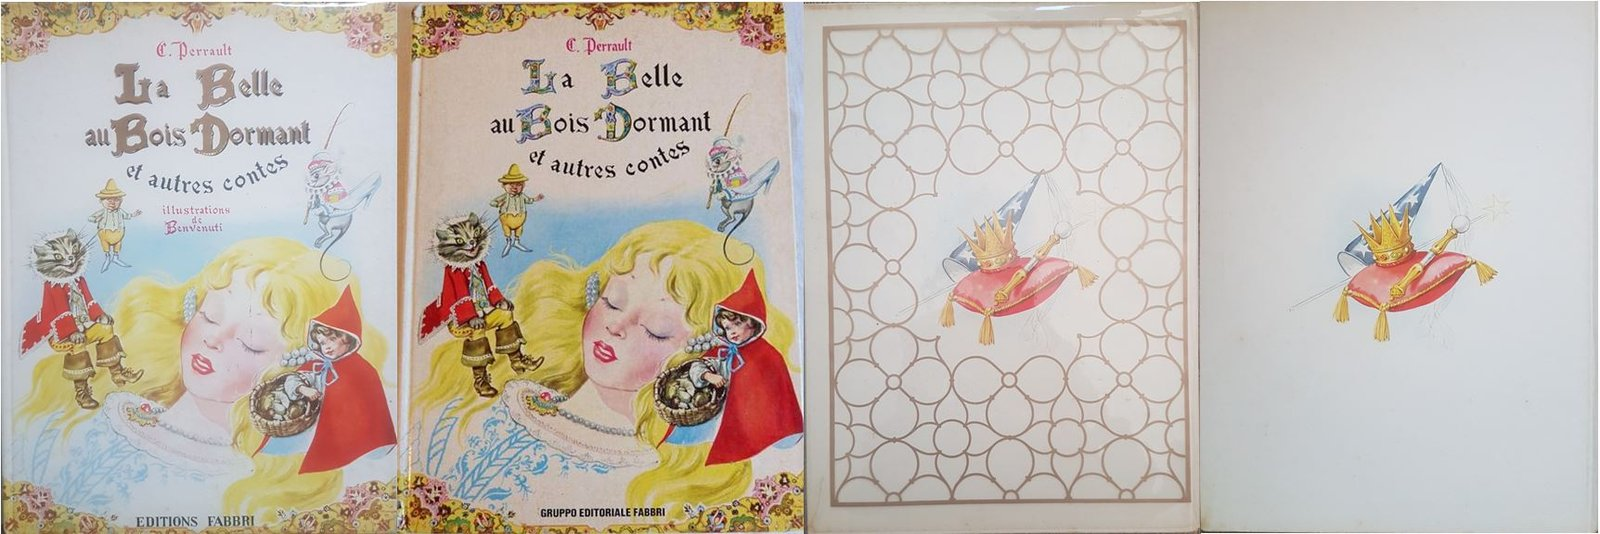 Les Grands Livres Merveilleux (Fabbri) 201121053547916210